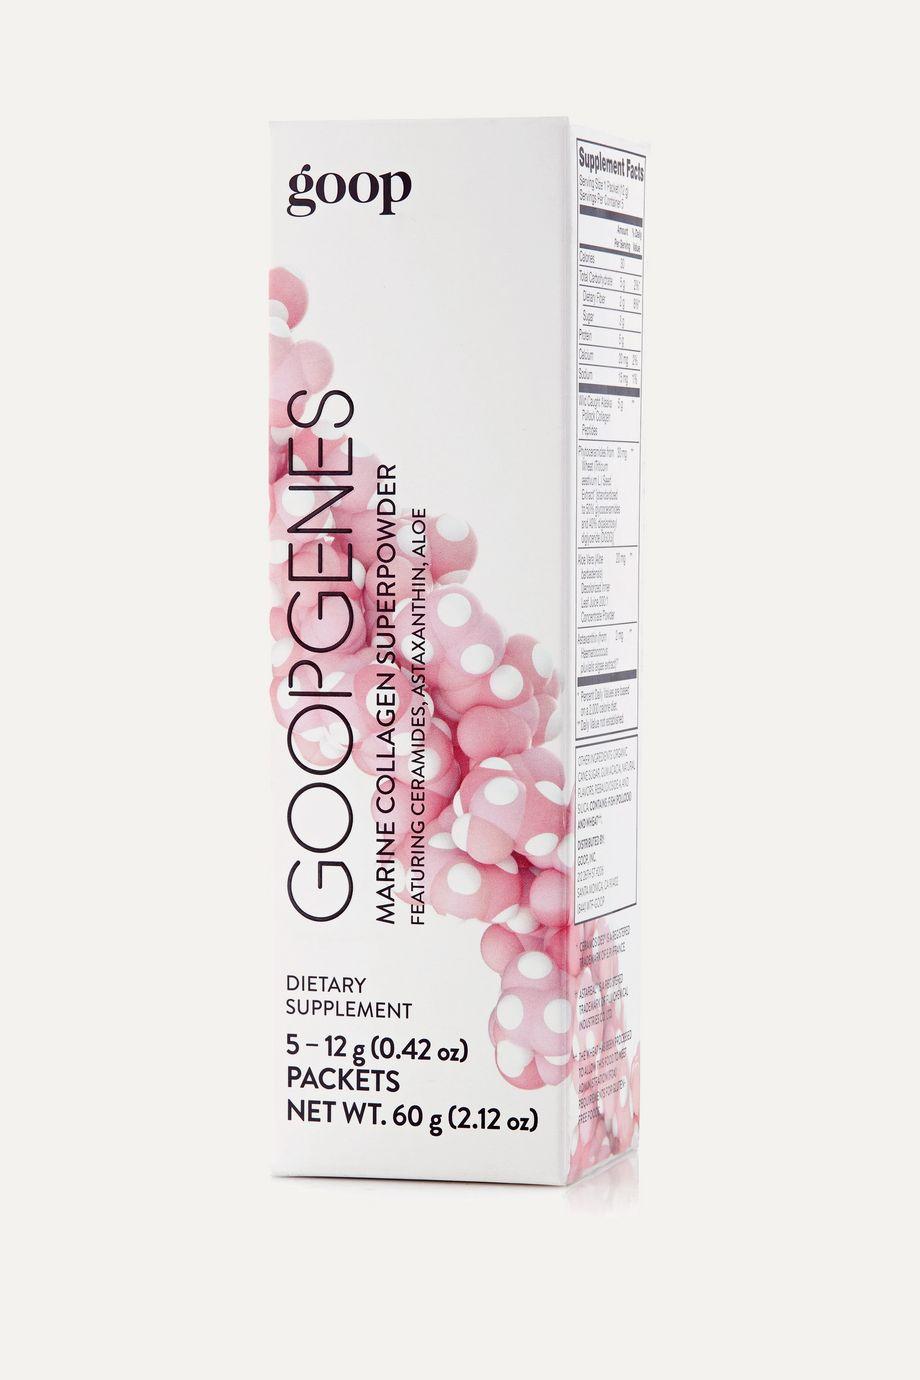 goop GOOPGENES Marine Collagen Superpowder, 5 x 12g